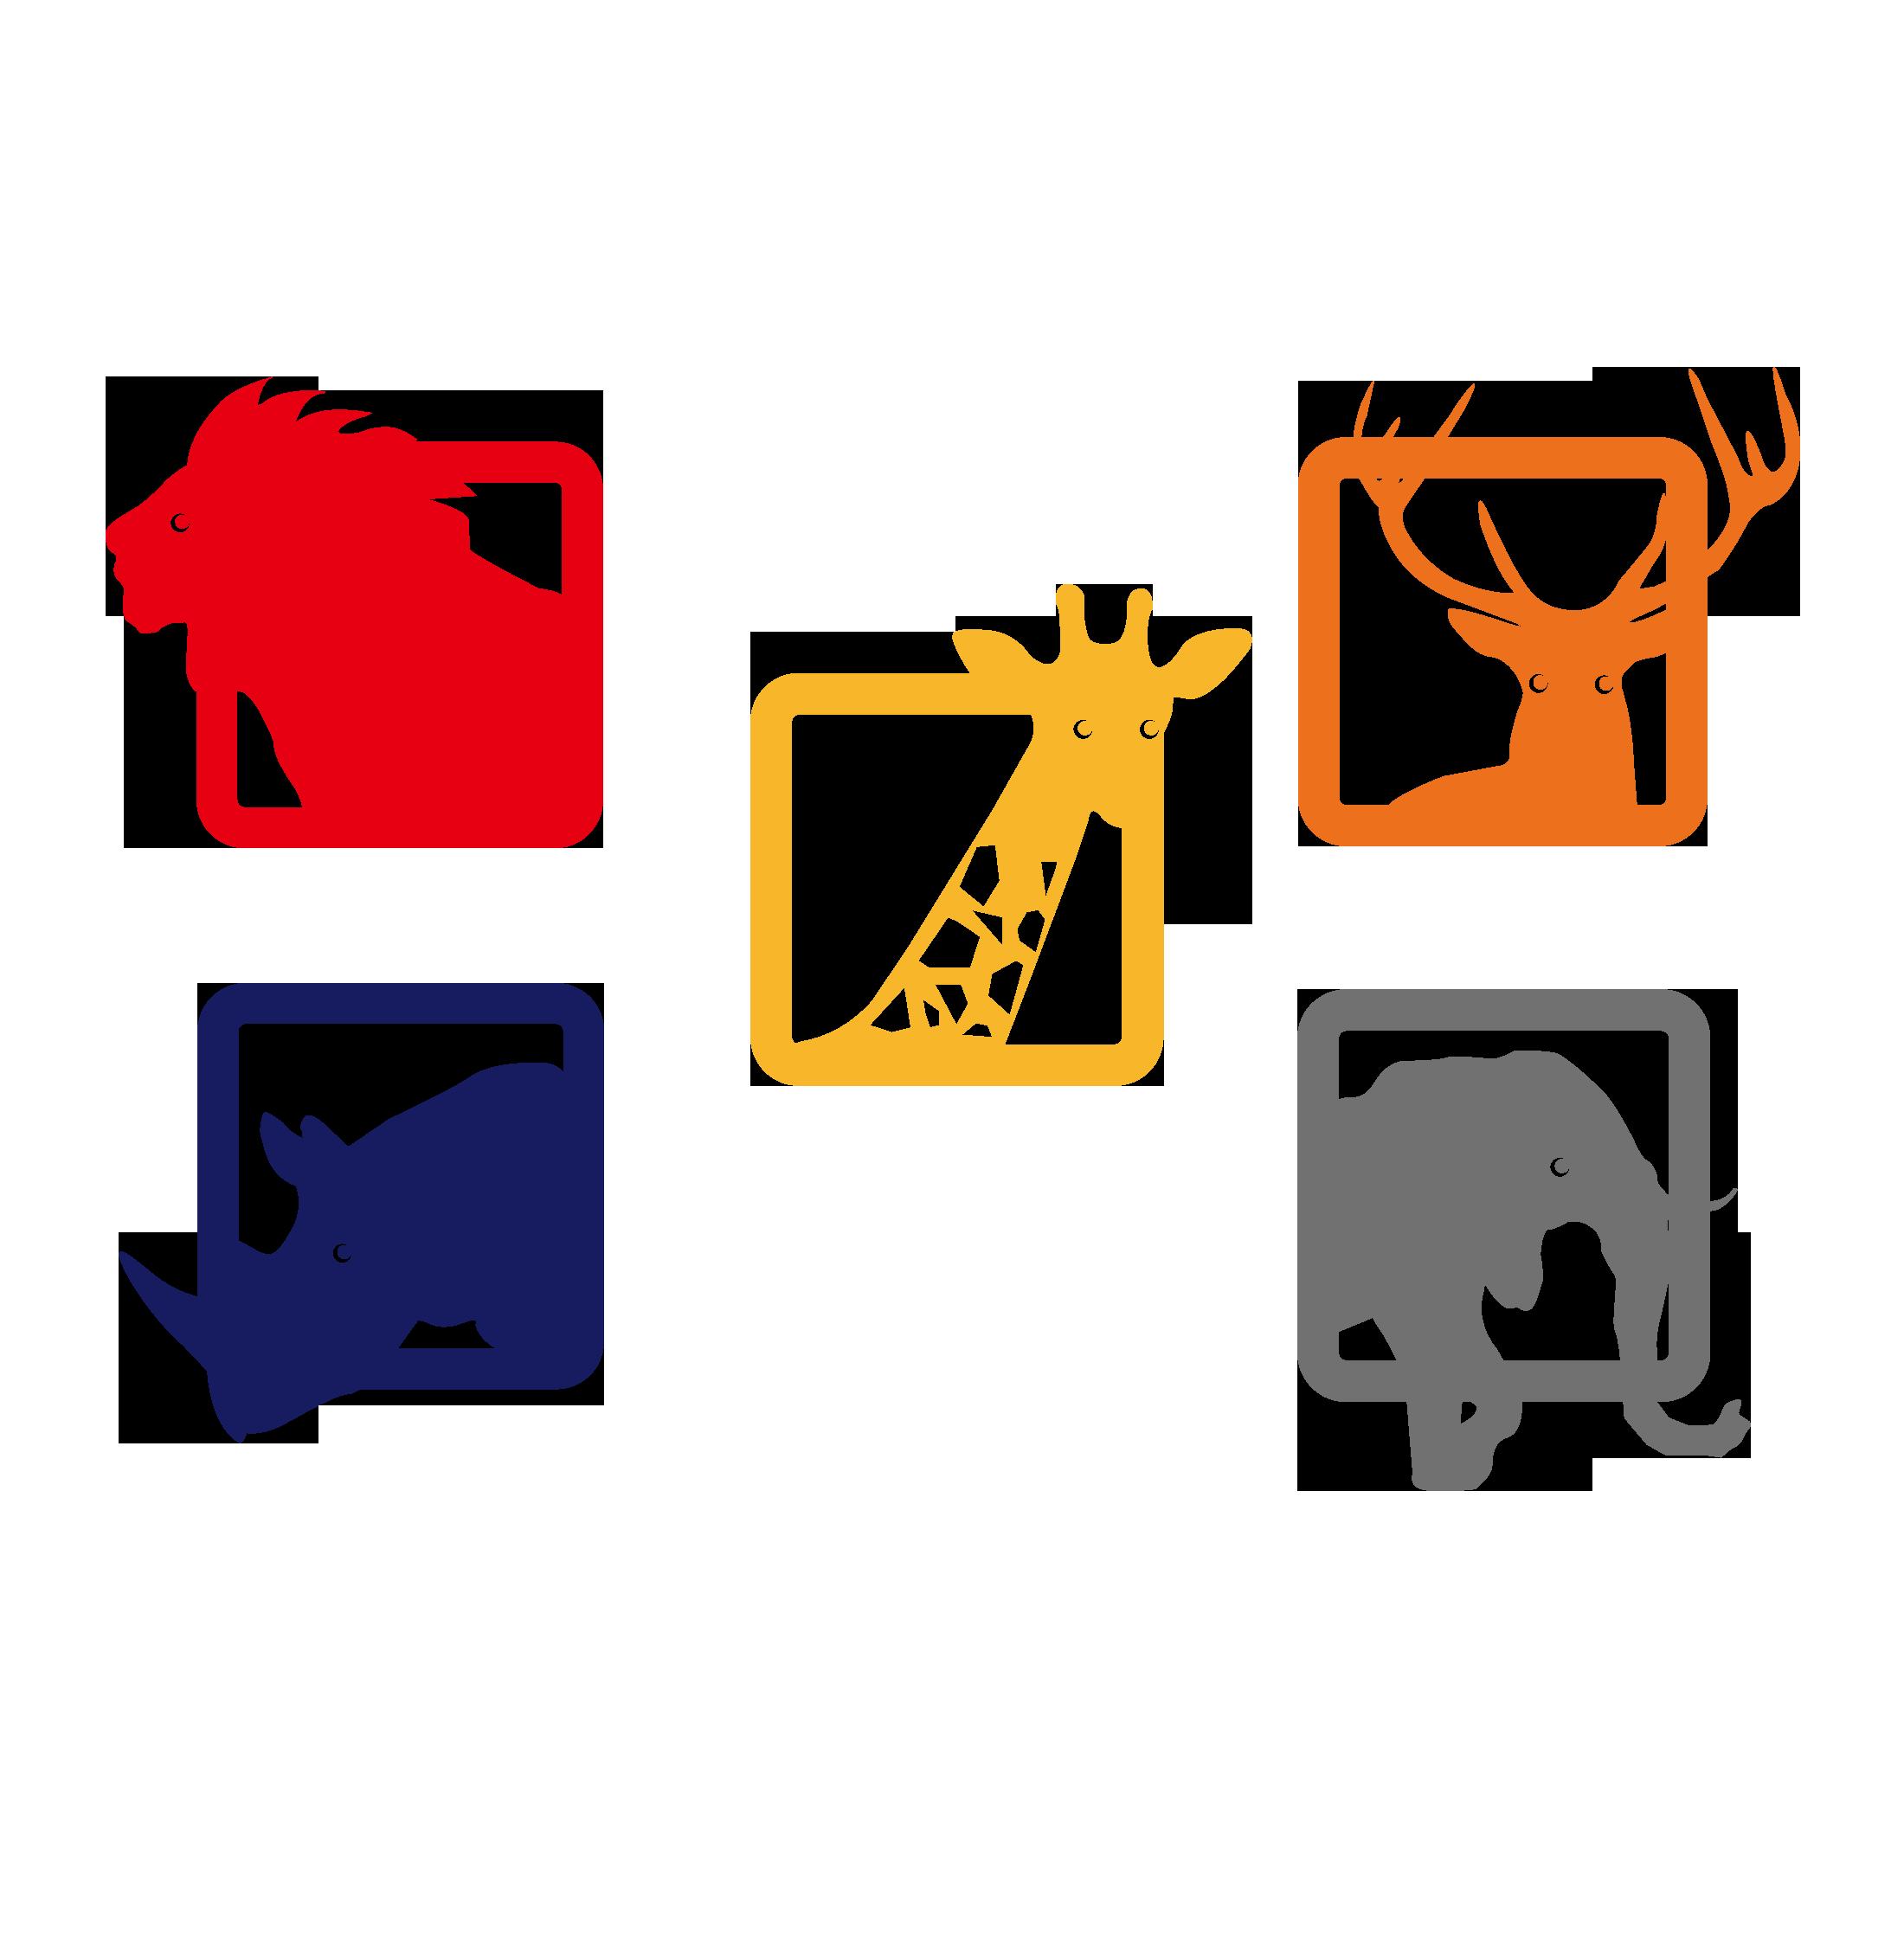 ピクトグラム 動物